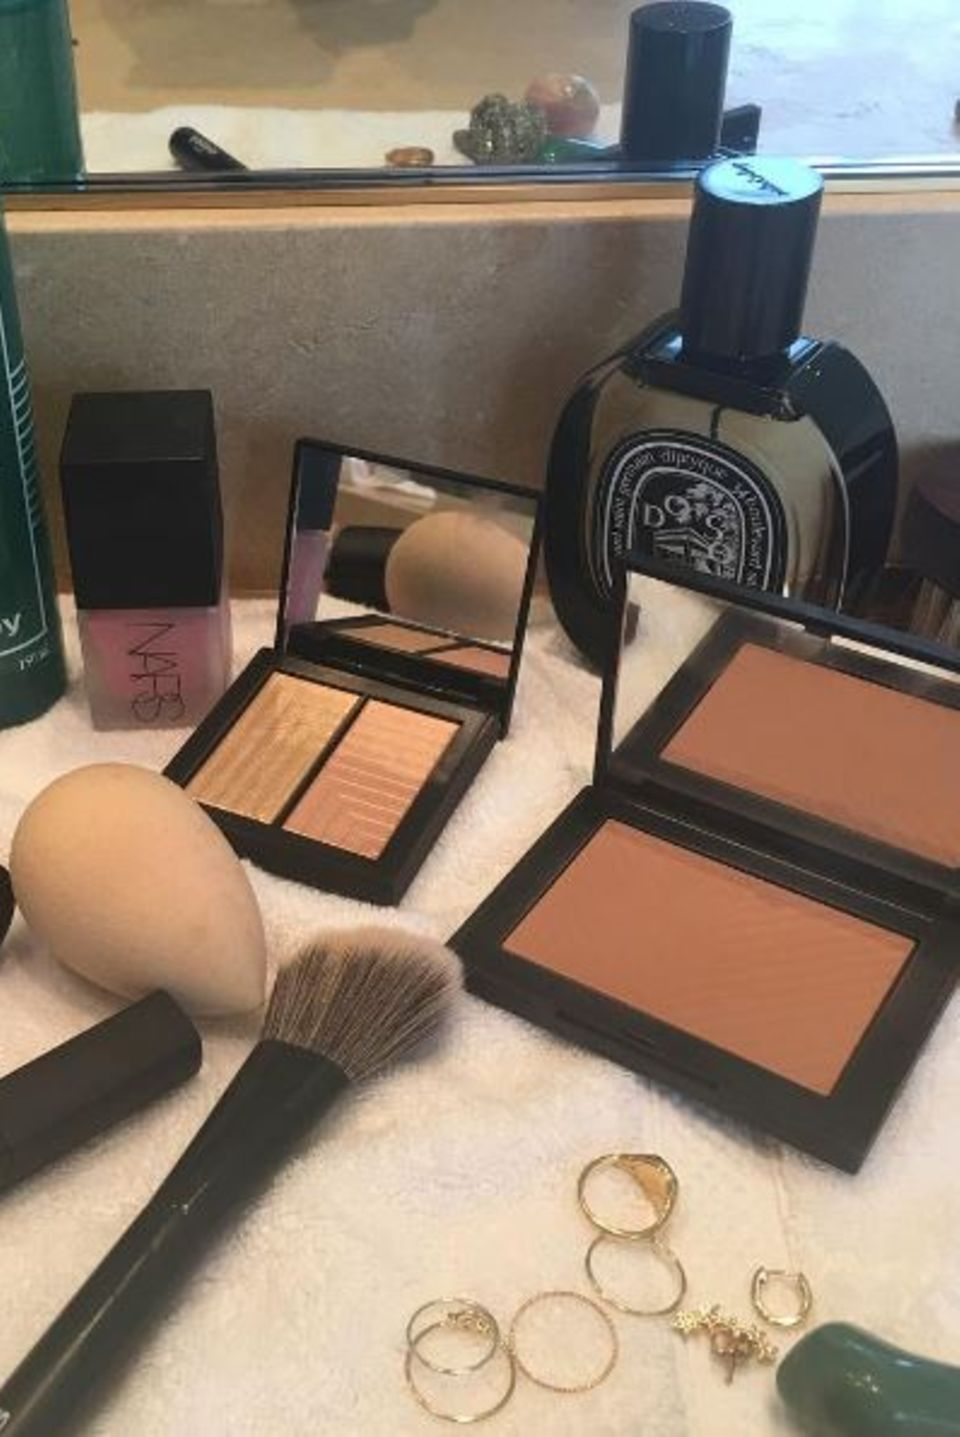 """Zusätzlich zu dem Lippenstift """"Mona"""" von NARS verwendet Rachel Goodwin noch einige andere Produkte des Beauty-Labels für Emma Stones perfekten Look. Bronzer, Highlighter, Foundation - sie setzt vor allem auf einen Glow-Teint."""